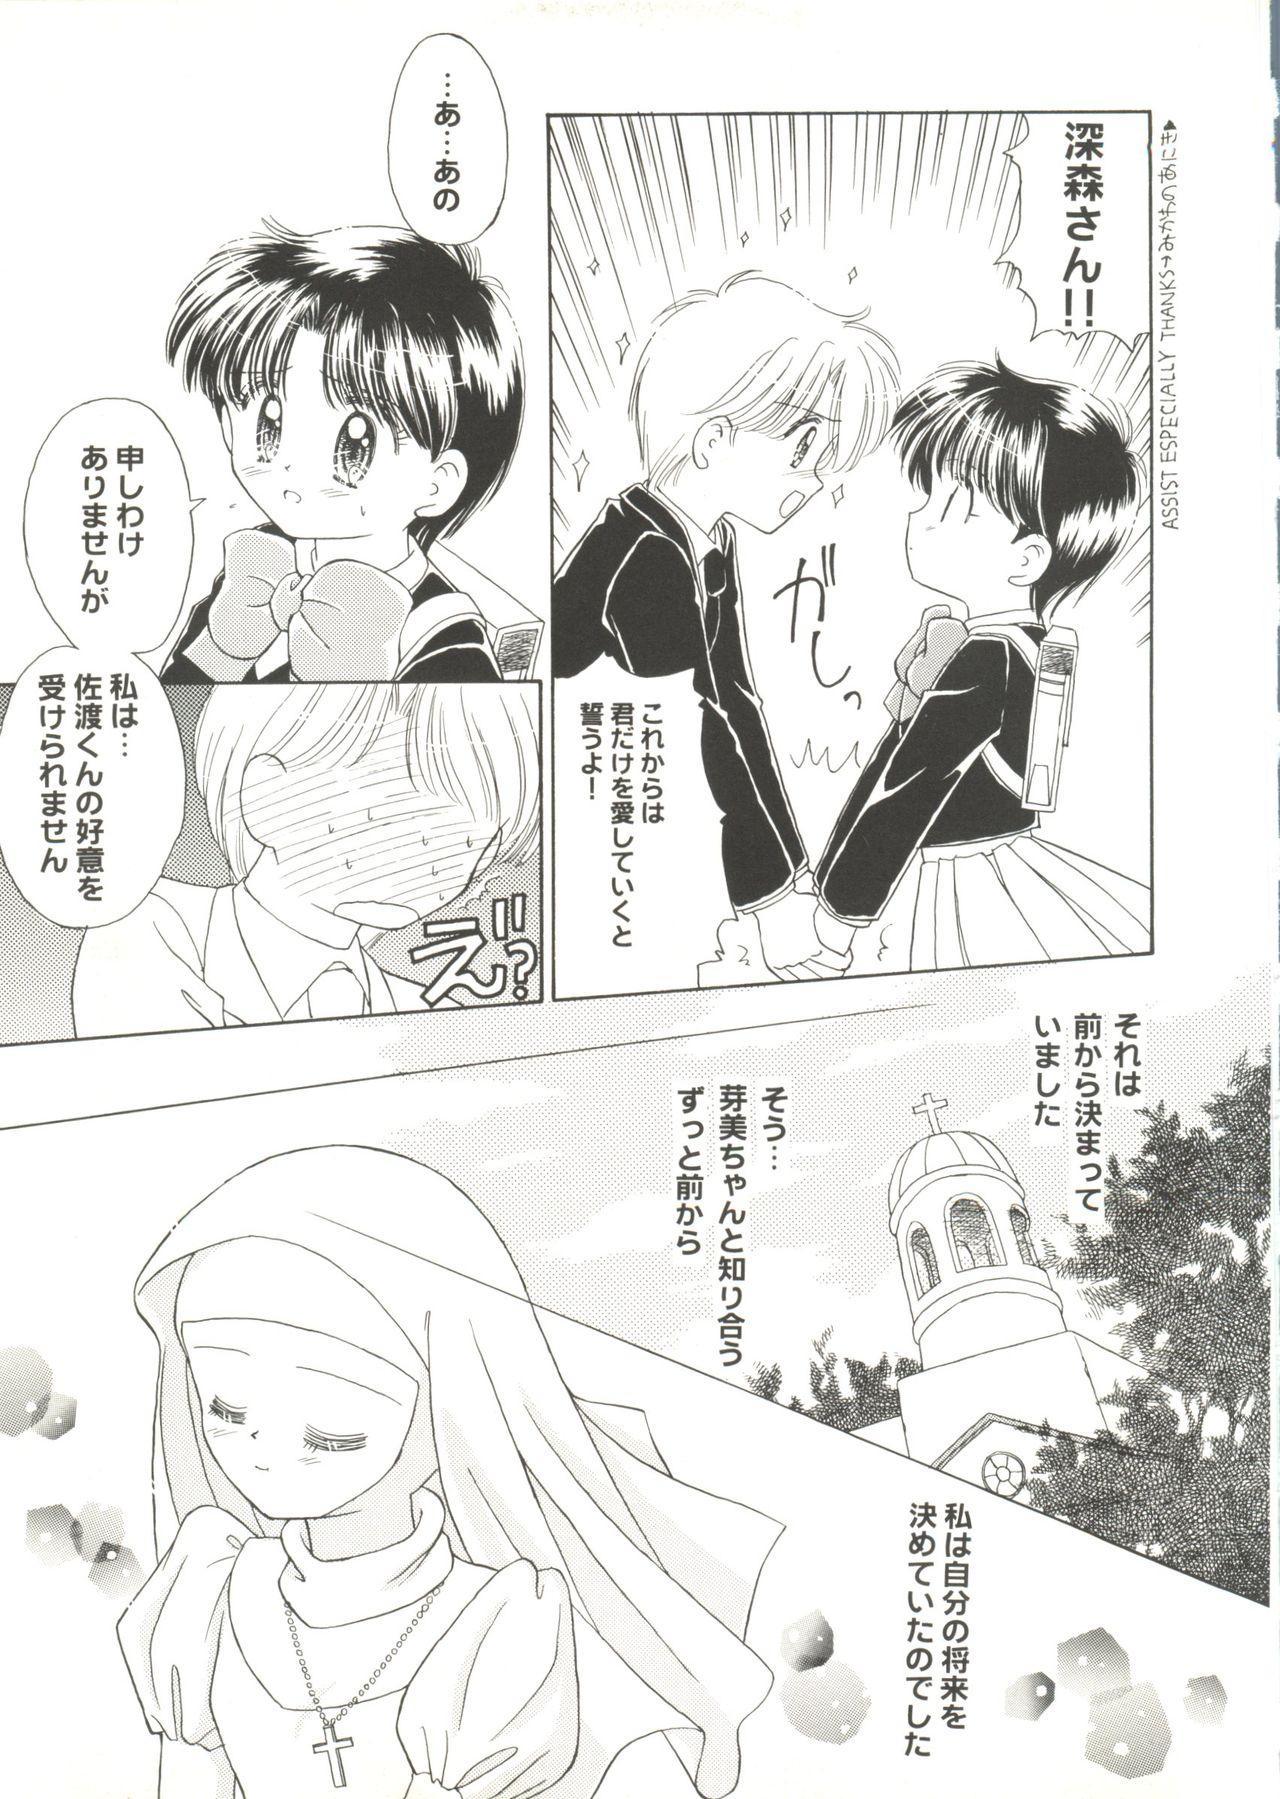 Doujin Anthology Bishoujo a La Carte 1 58